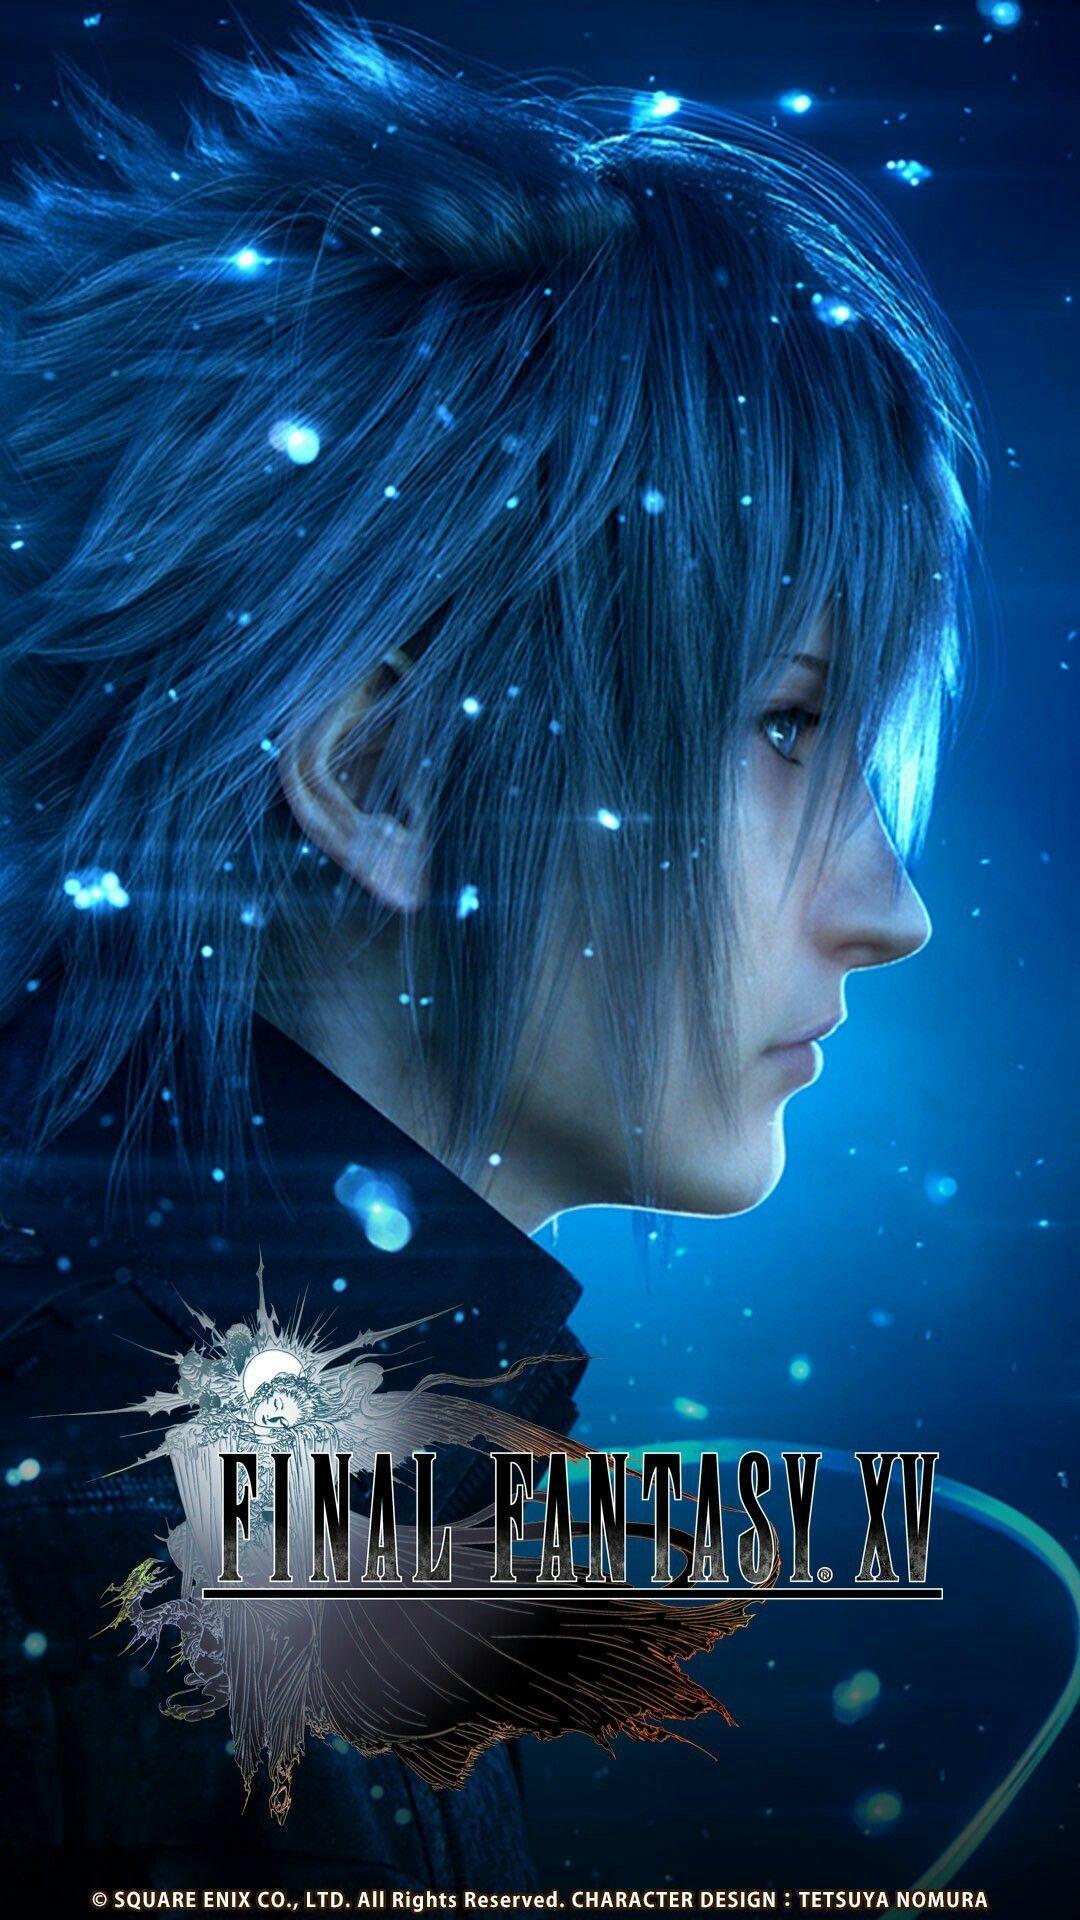 Lightning Ffxv Wallpaper In 2020 Final Fantasy Xv Wallpapers